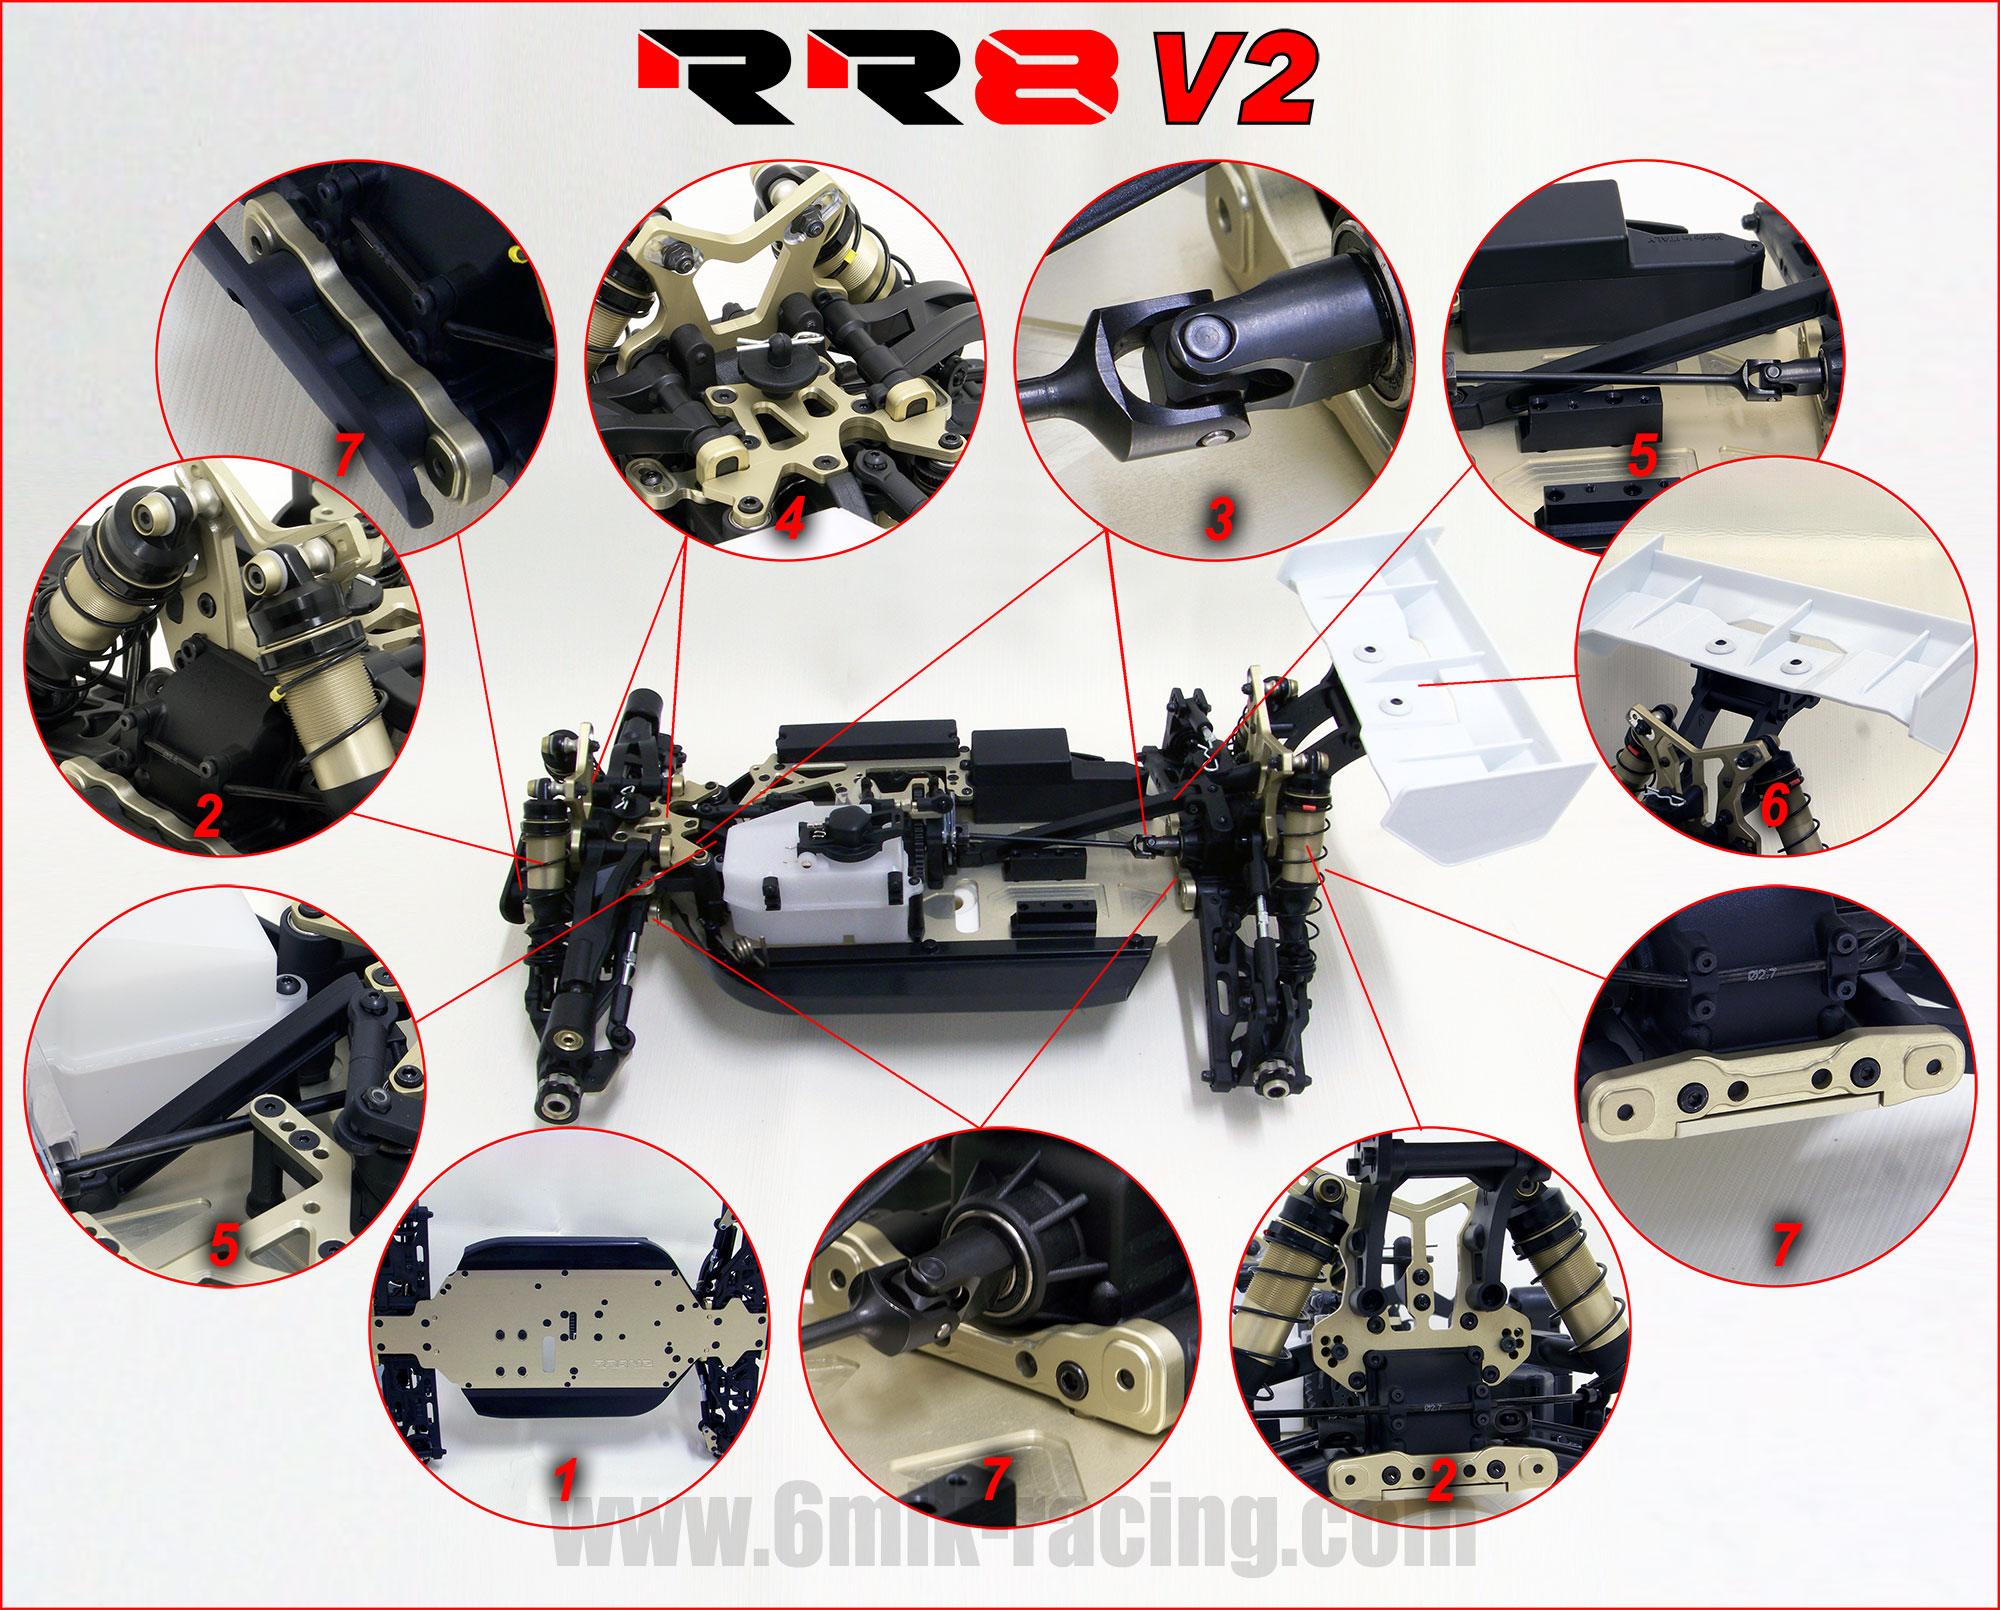 RR8-V2